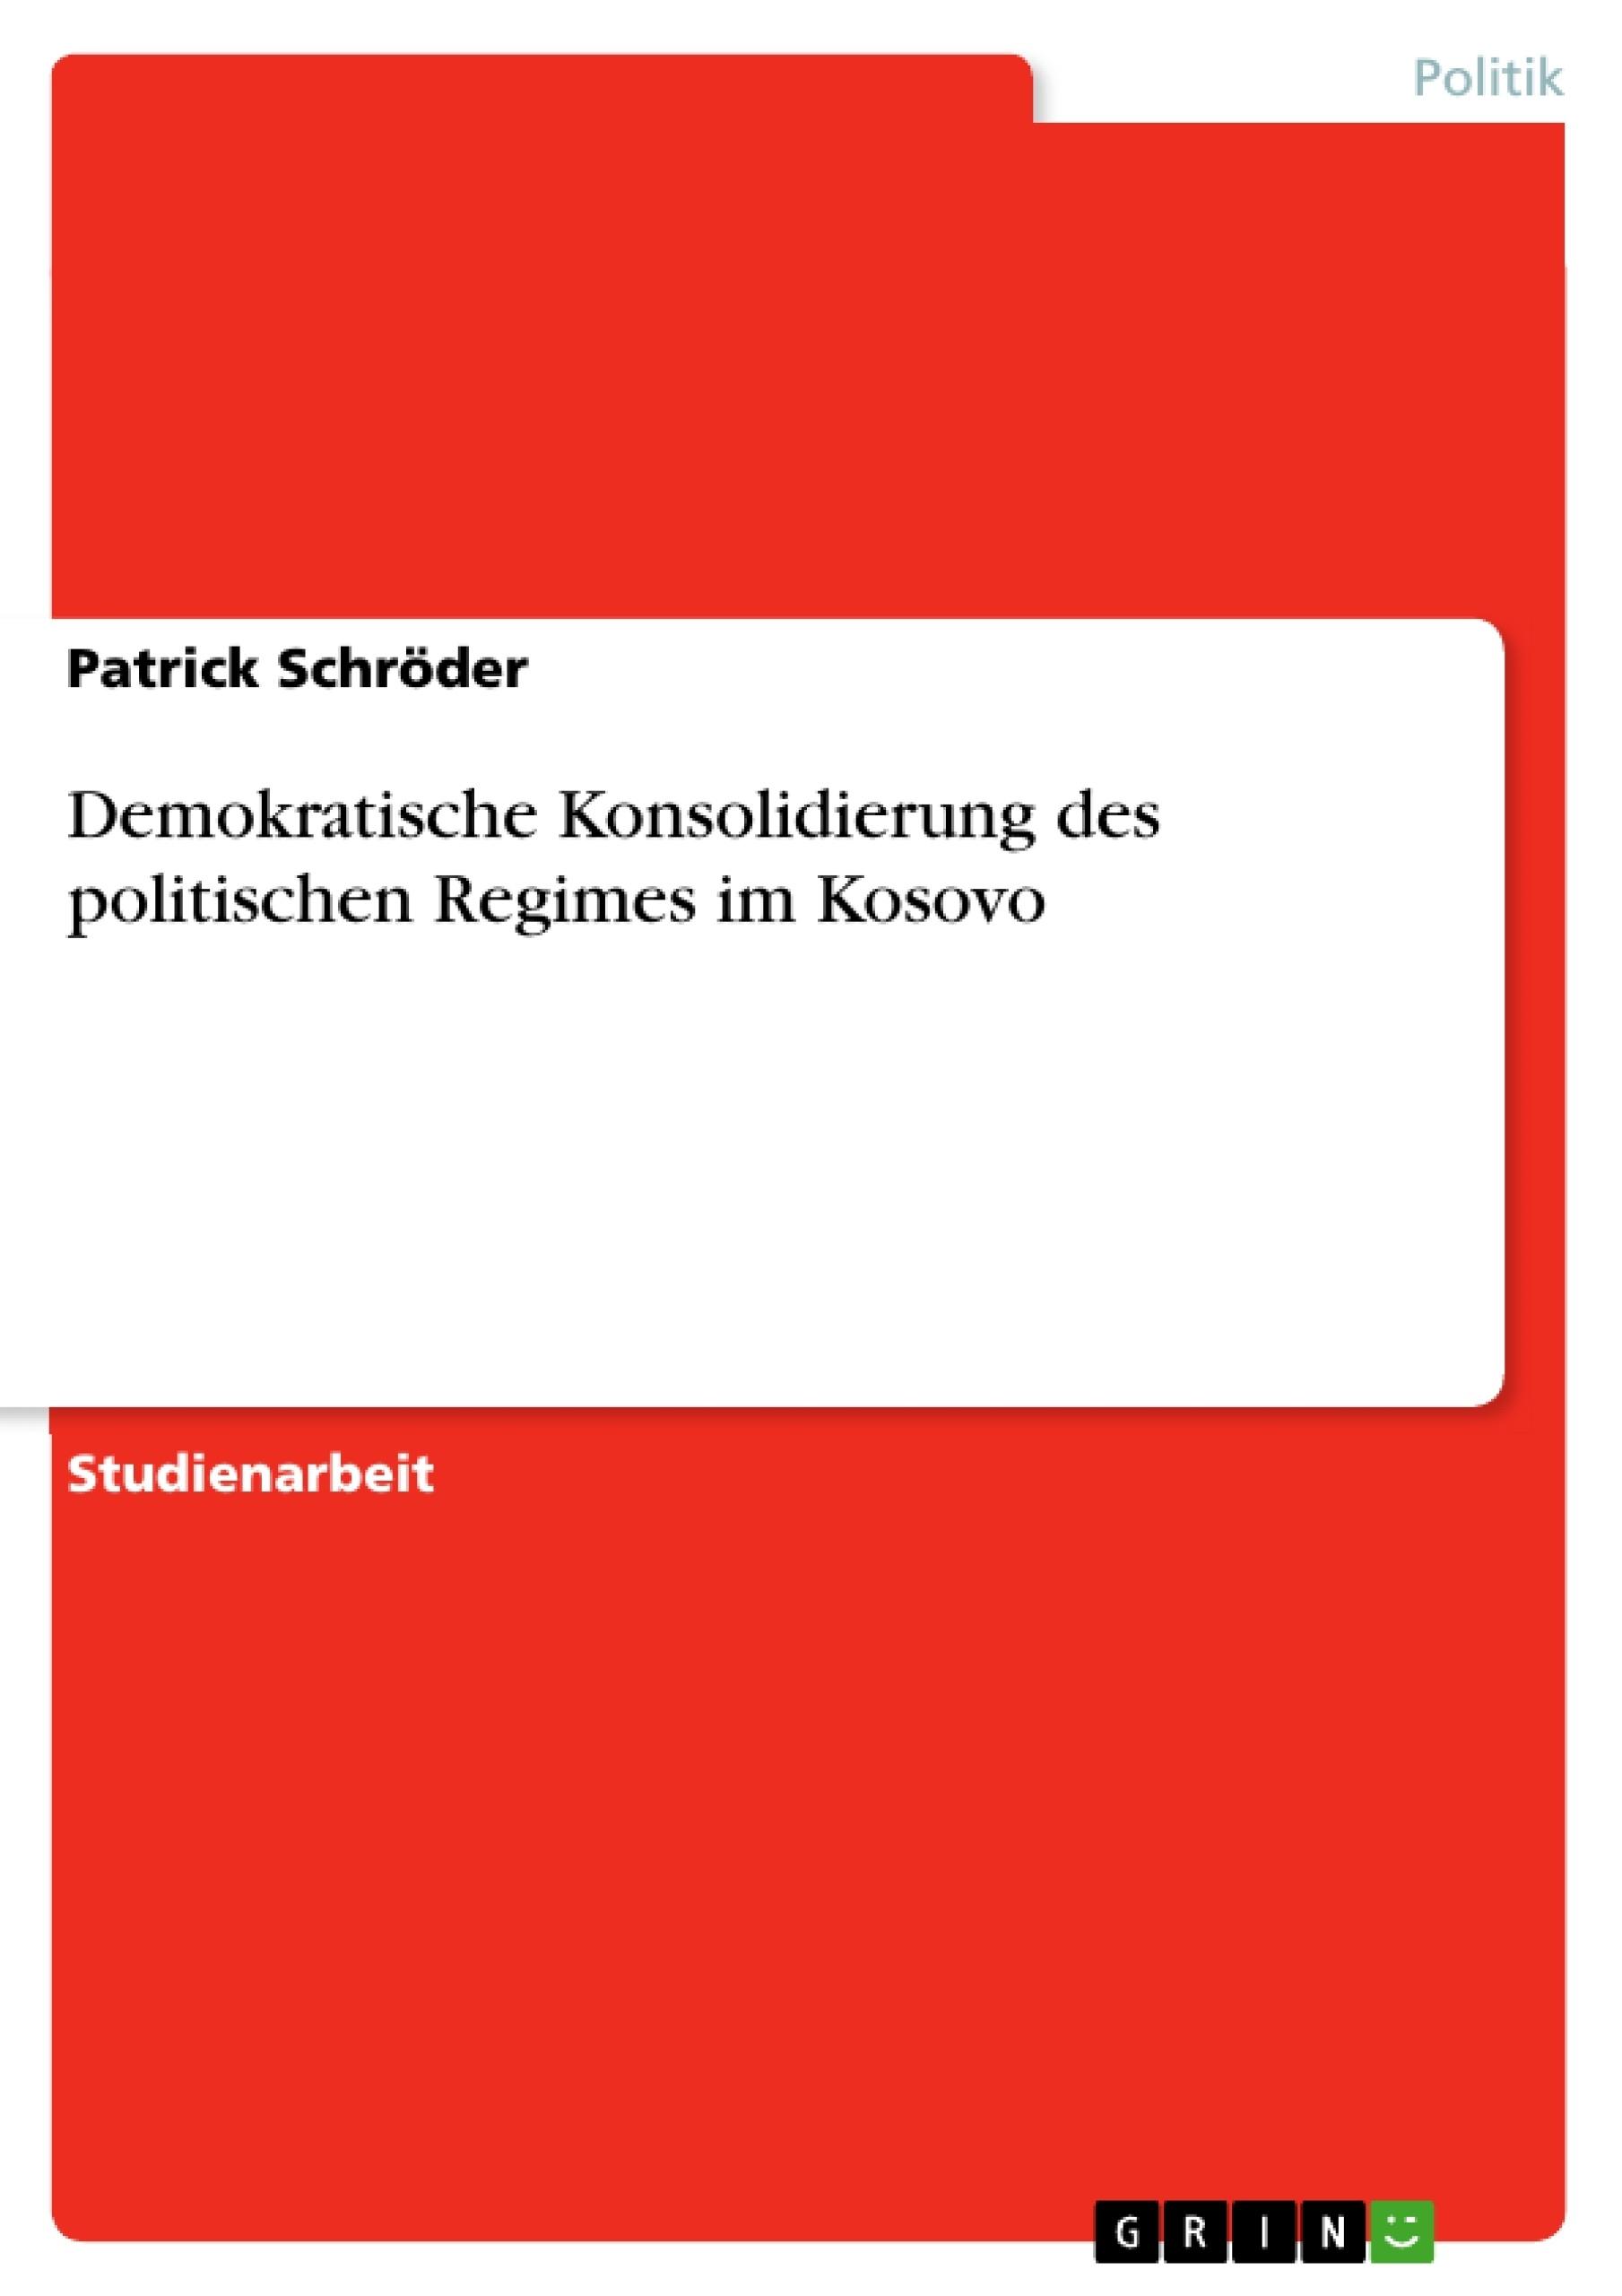 Titel: Demokratische Konsolidierung des politischen Regimes im Kosovo